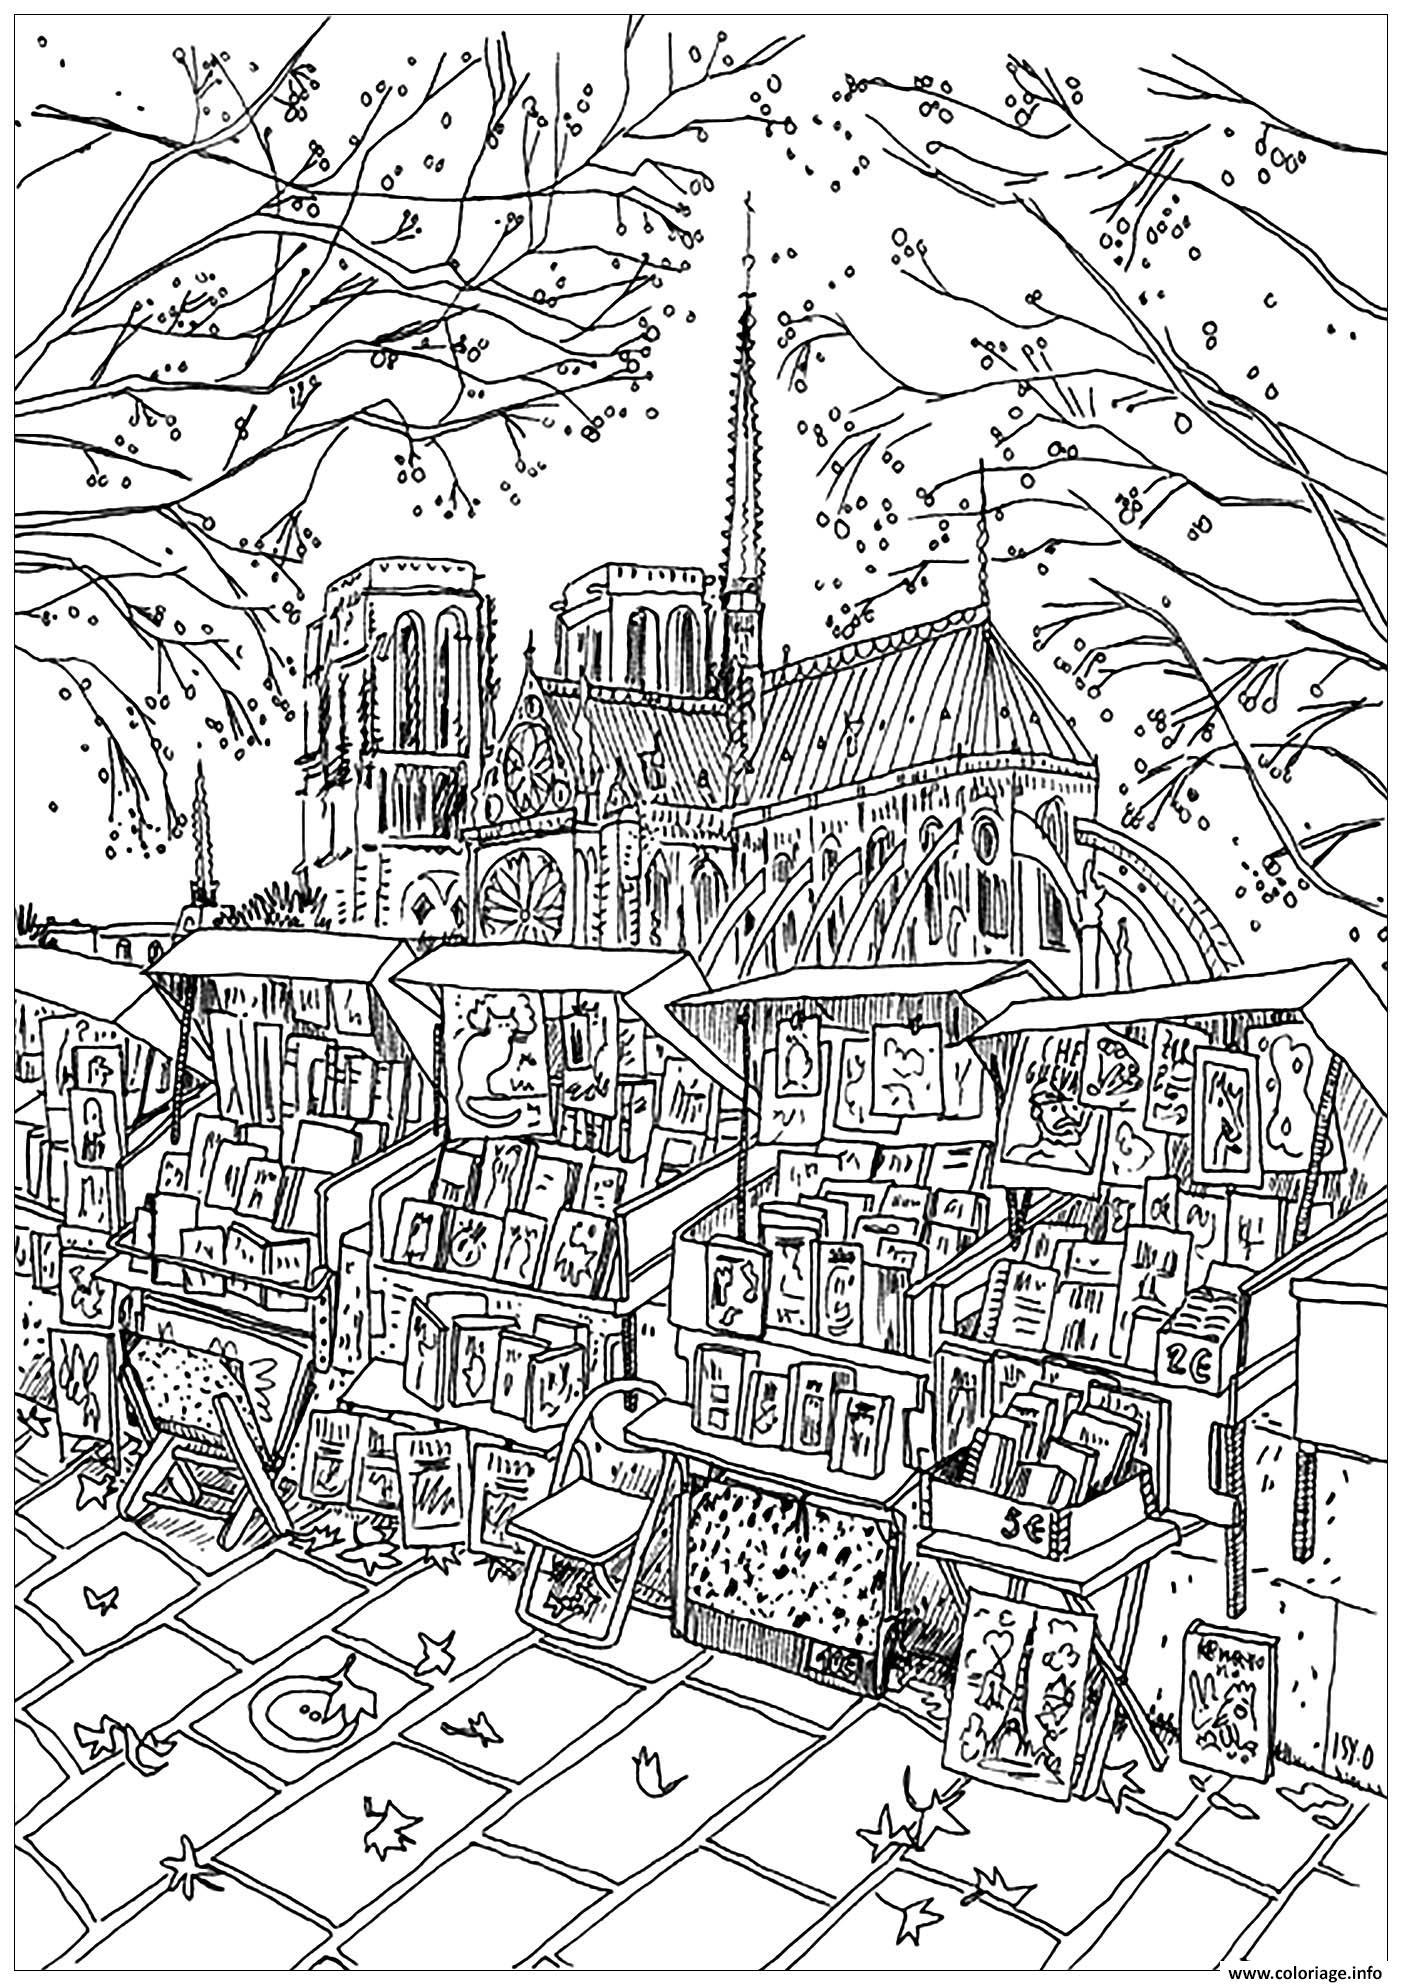 Dessin ville de paris notre dame de paris librairie ambulante Coloriage Gratuit à Imprimer